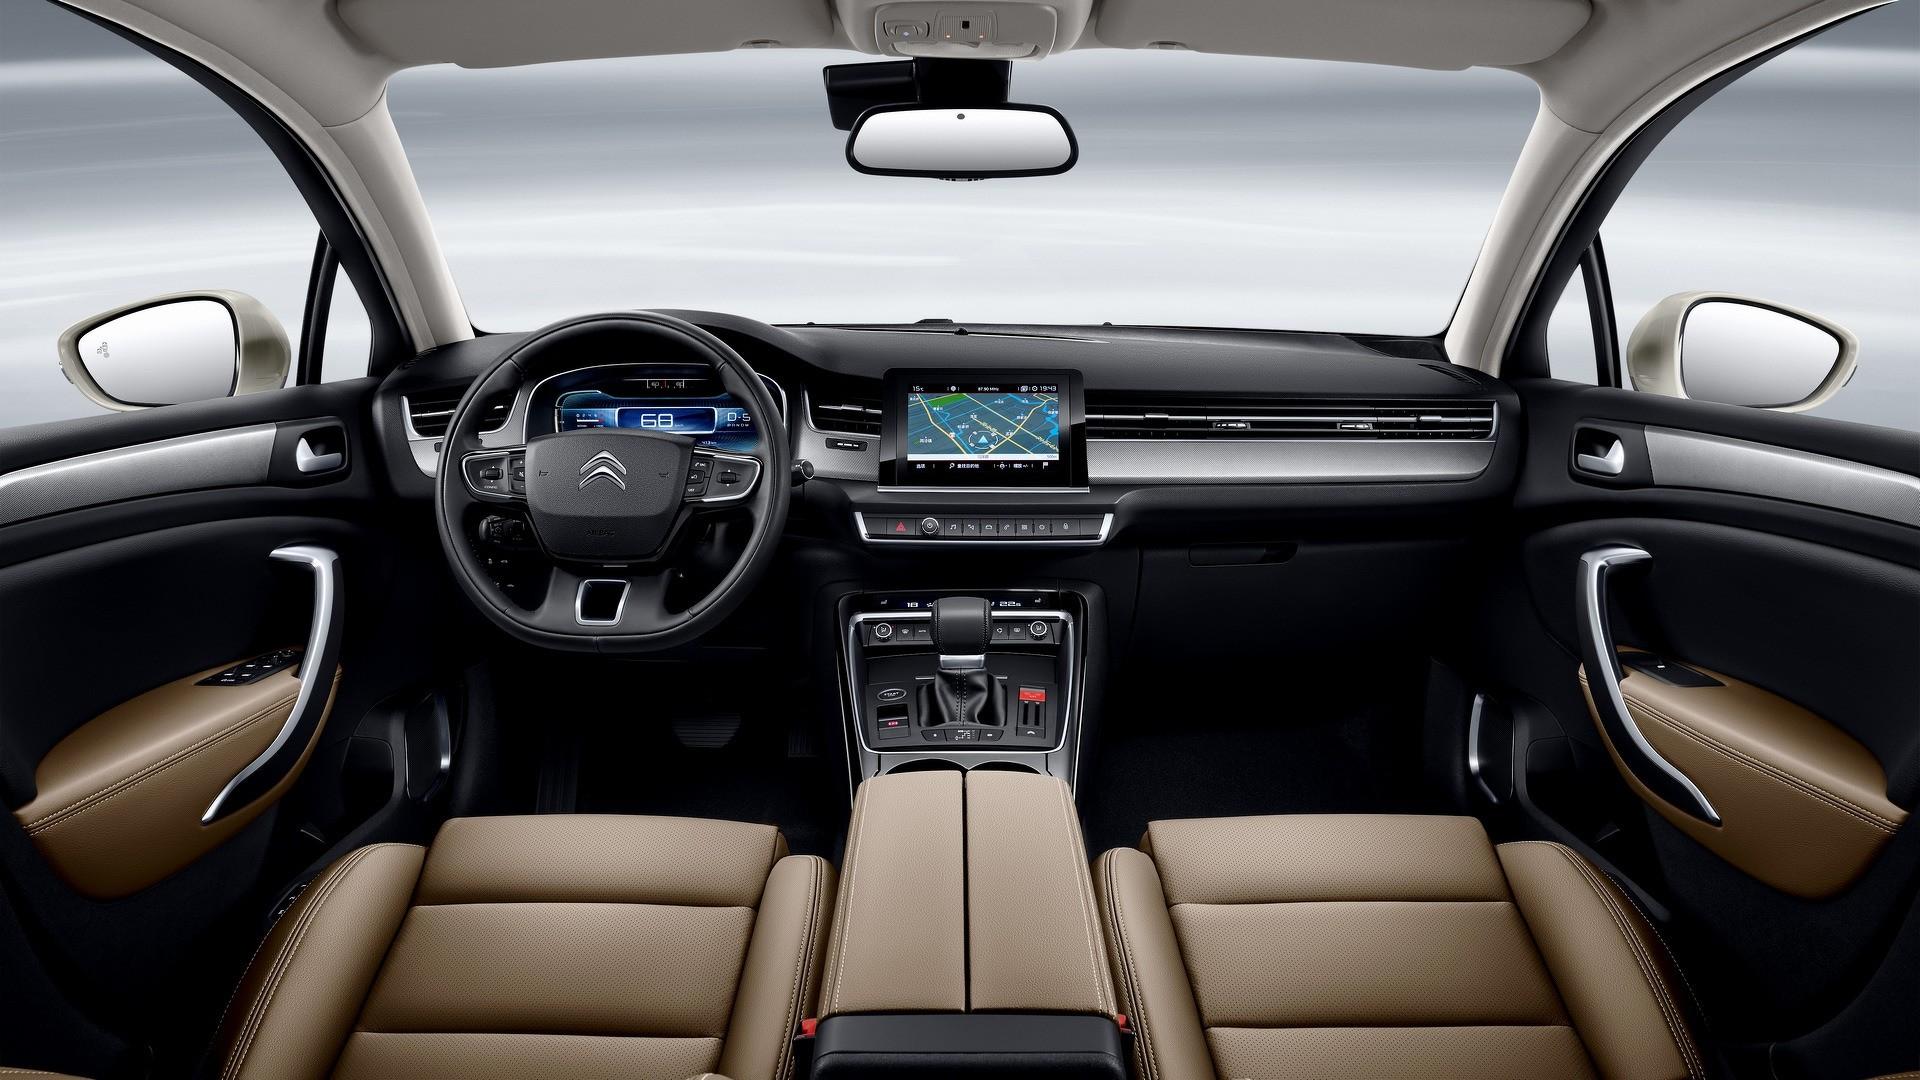 New Citroen C5 Confirmed For European Market Coming In